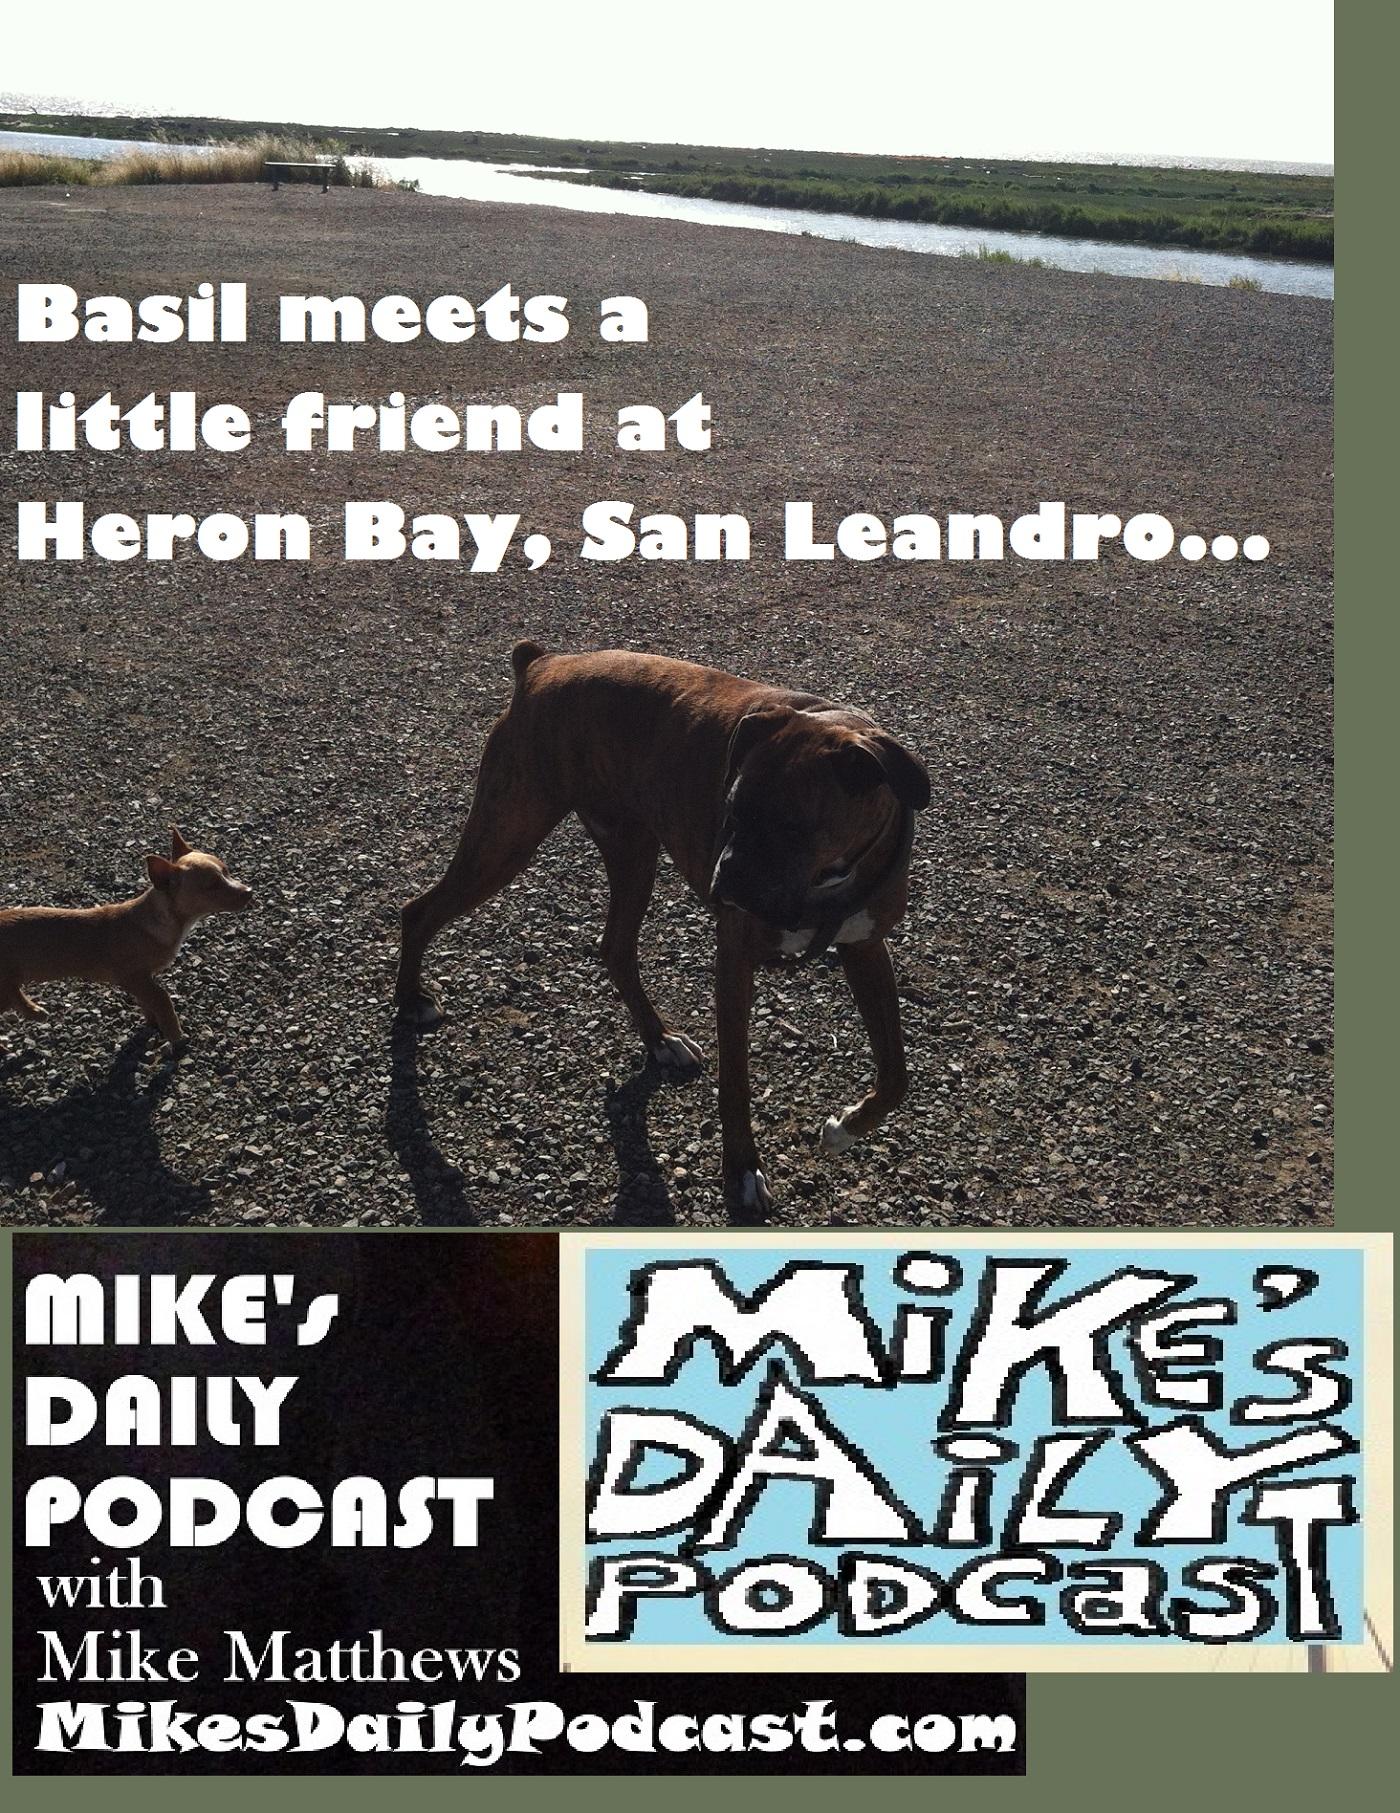 mikes-daily-podcast-1182-basil-chihuahua-heron-bay